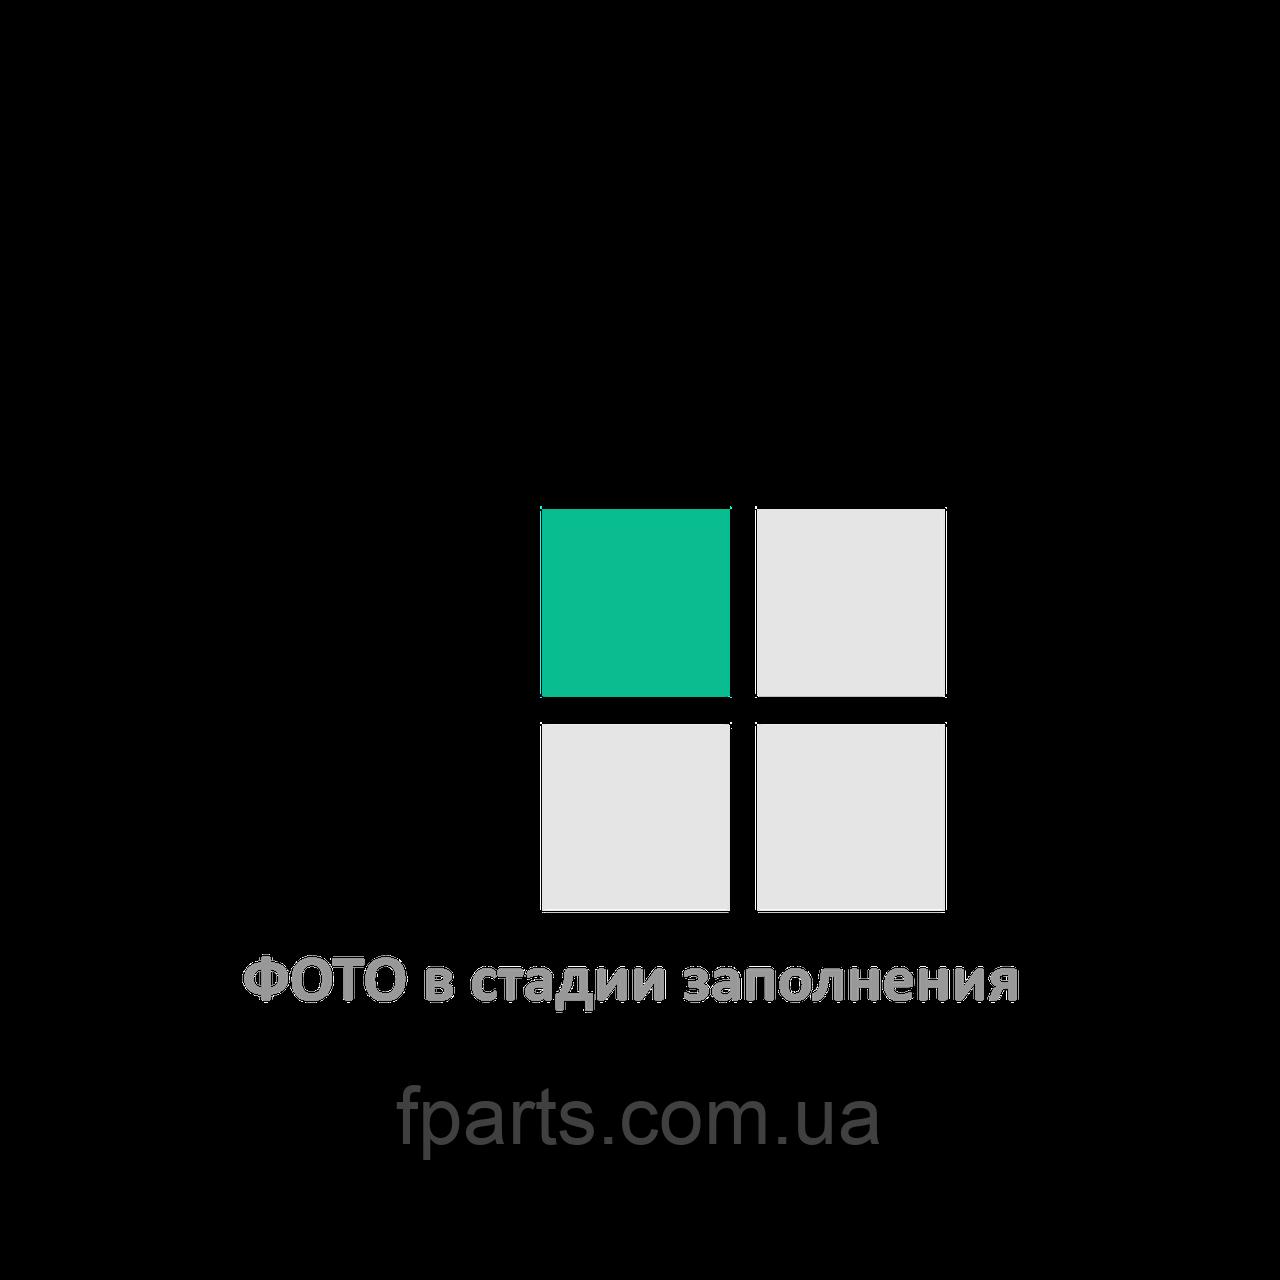 Дисплей Sony Ericsson C903